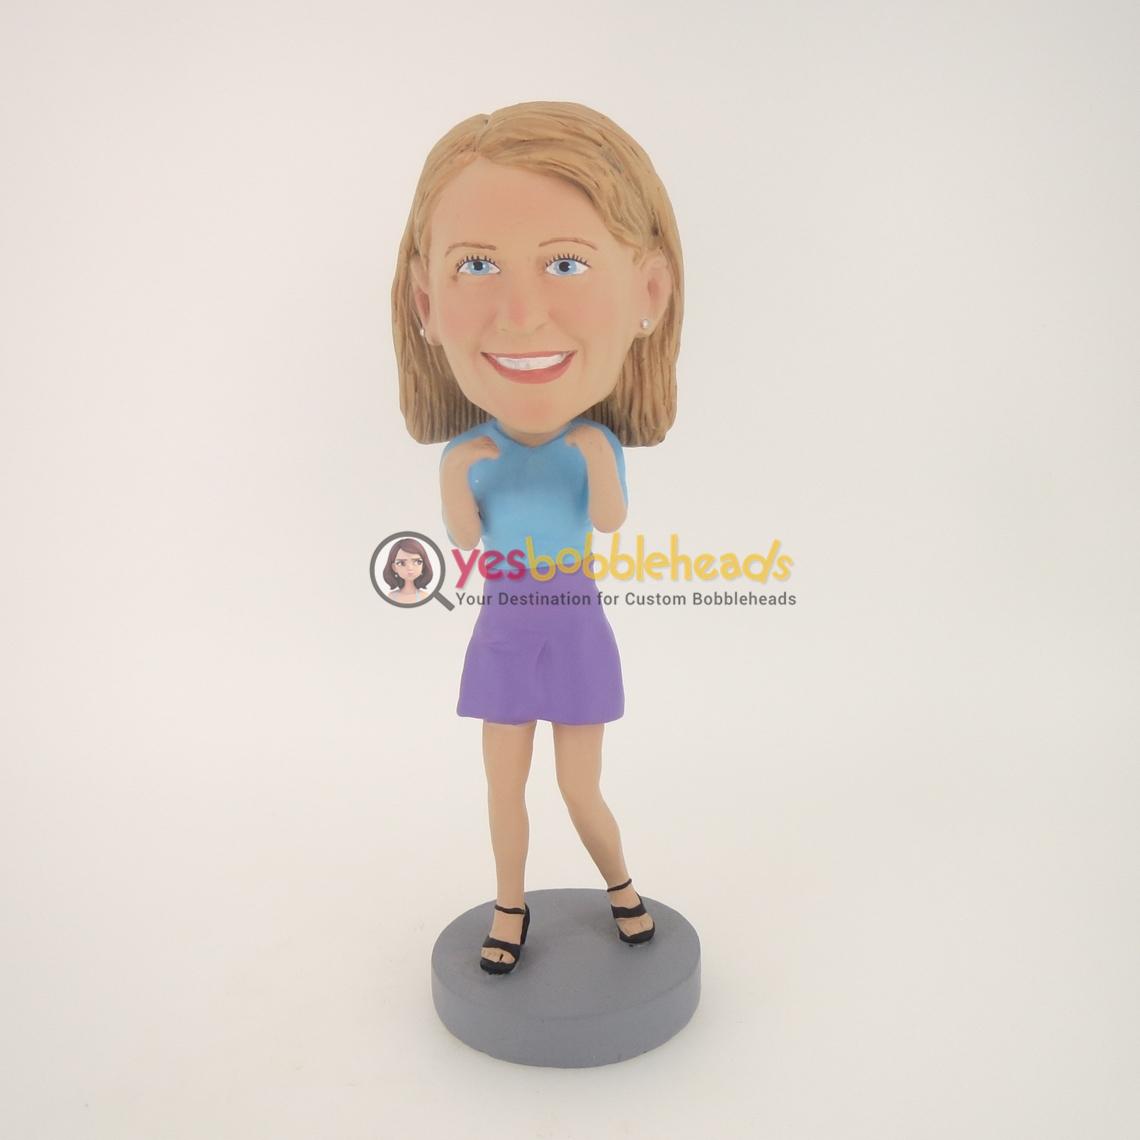 Picture of Custom Bobblehead Doll: Smile Girl